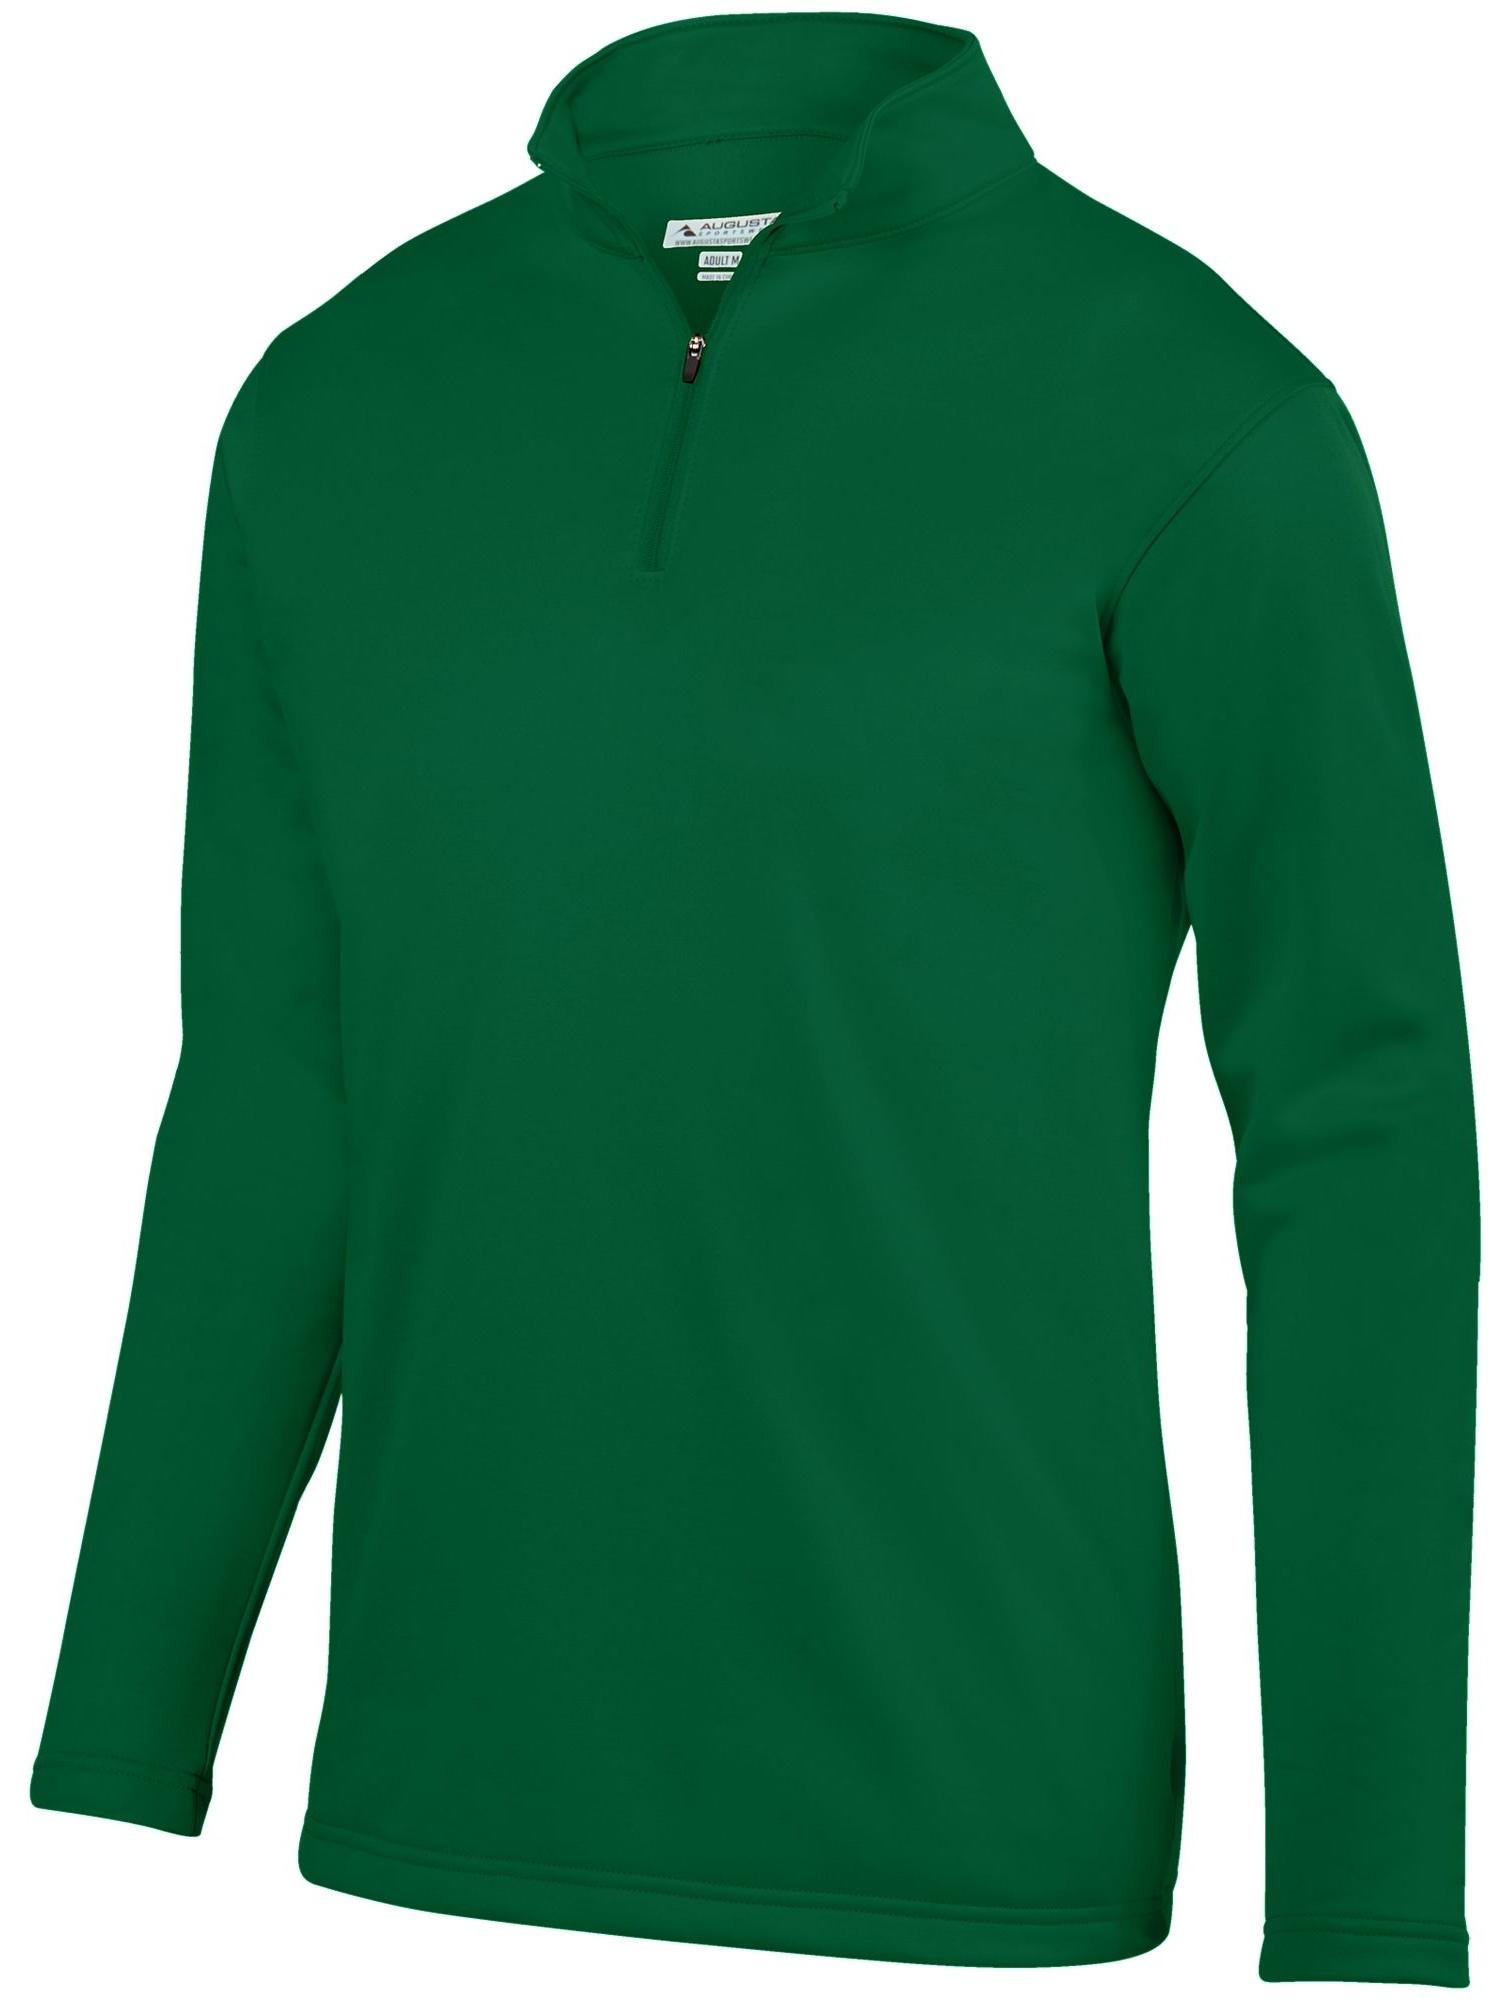 Augusta Sportswear Boys' Wicking Fleece Pullover 5508